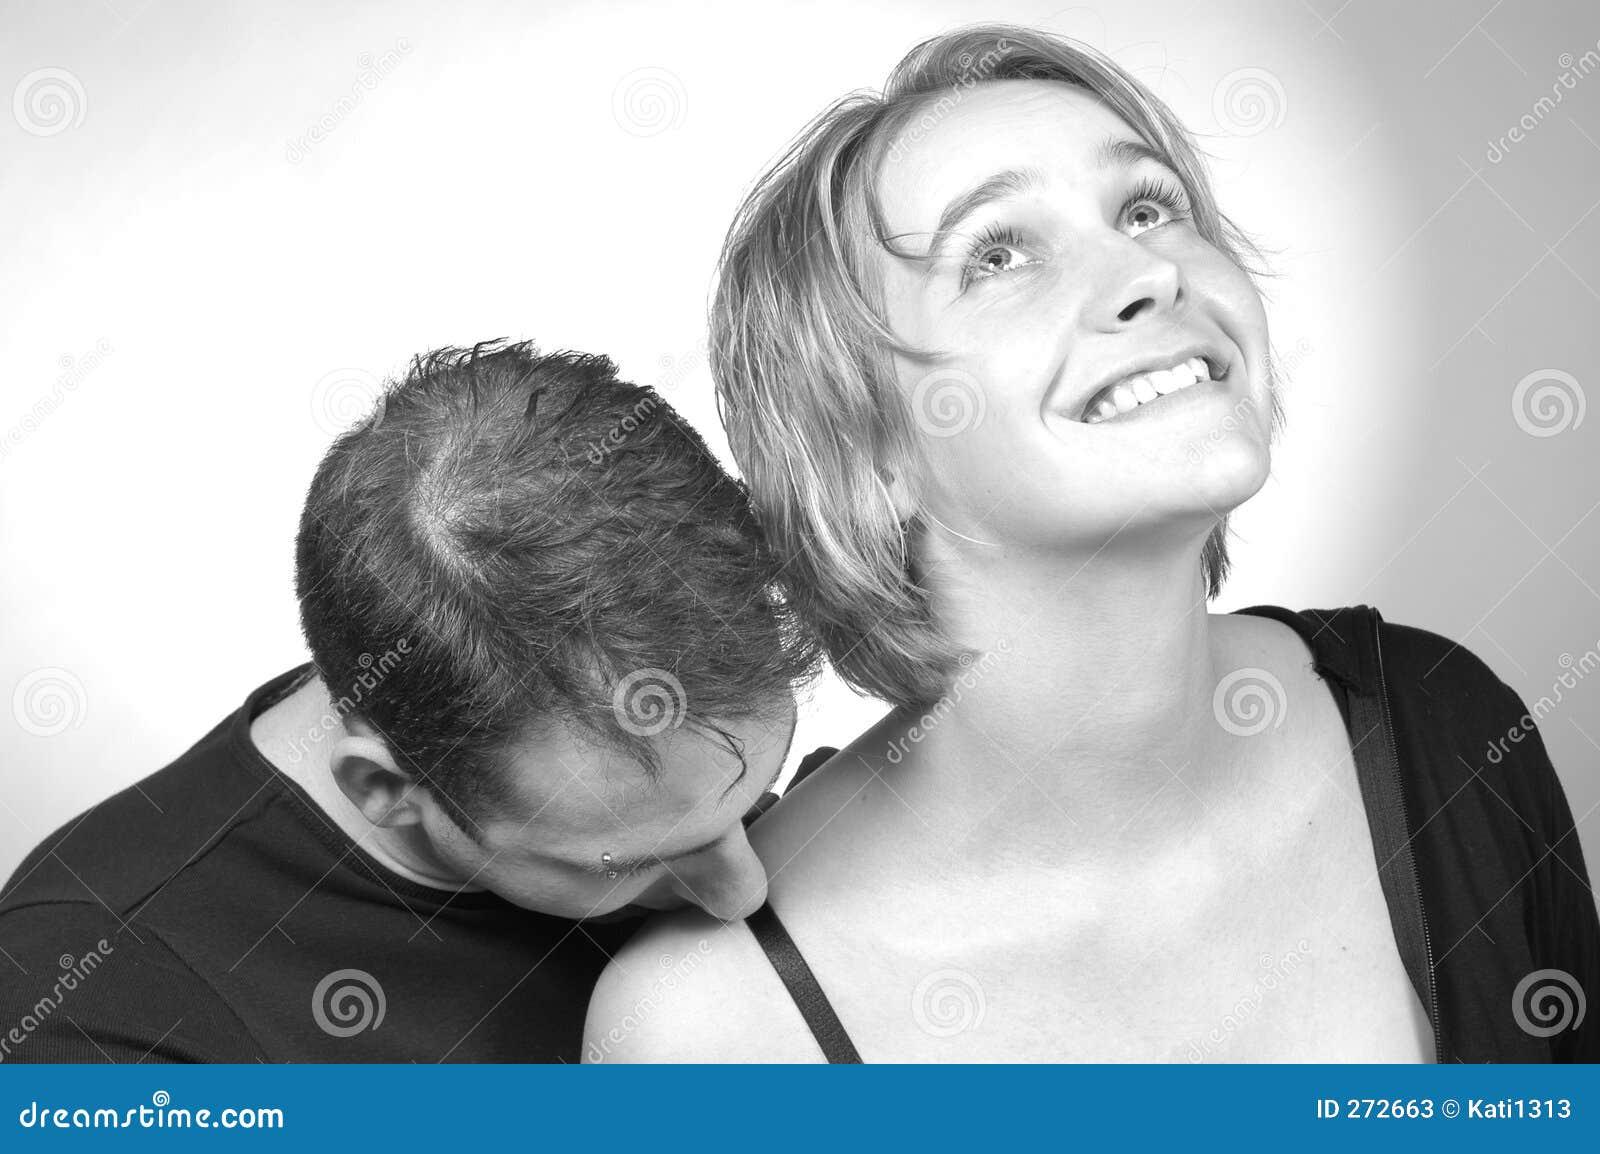 kissing her shoulder stock image image of eyes adult